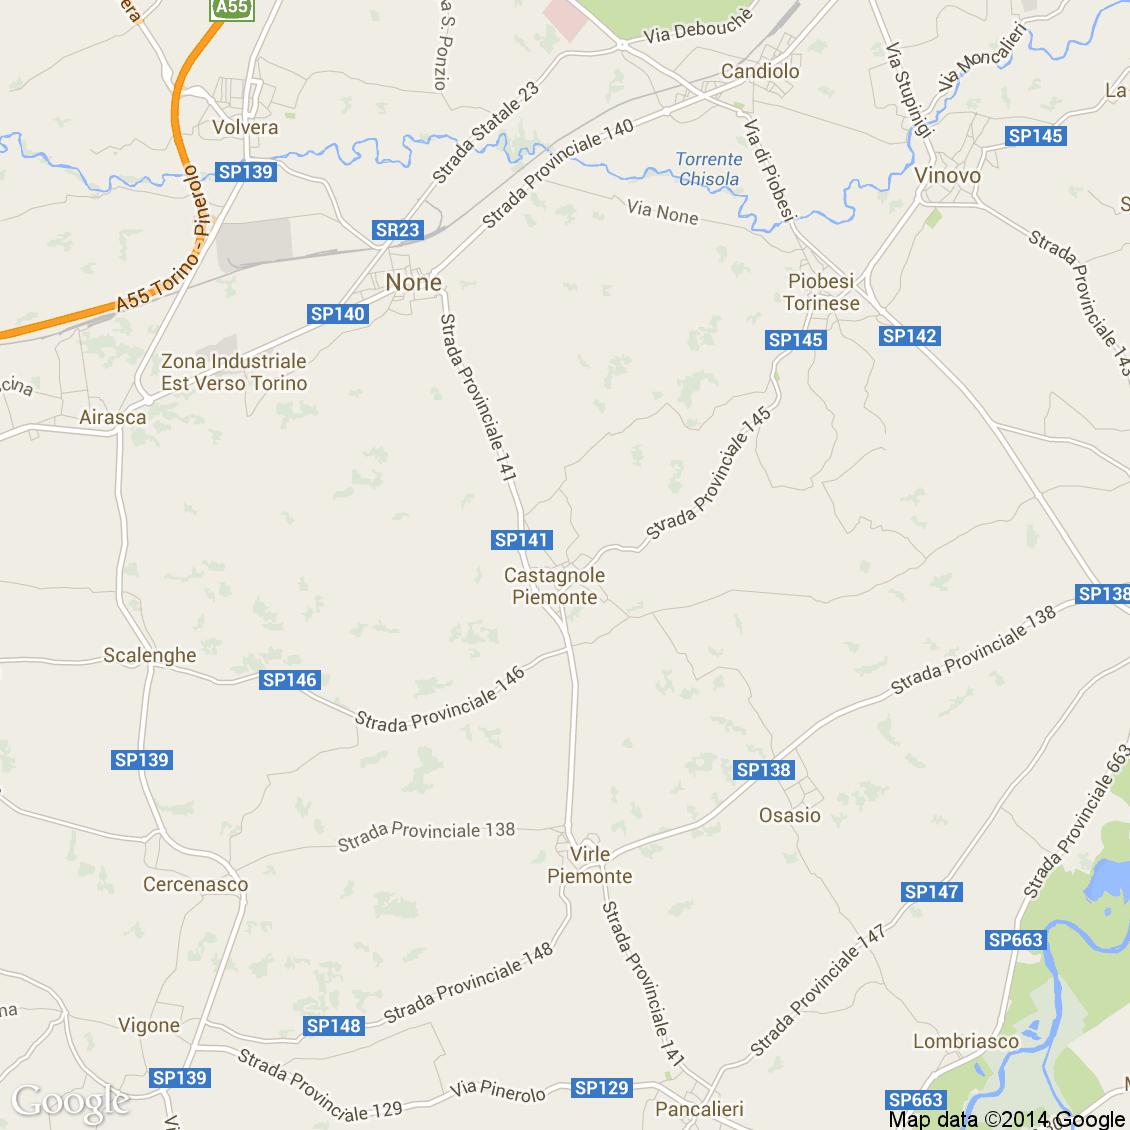 Piemonte Cartina Stradale.Foto Dall Alto Delle Strade Del Comune Di Castagnole Piemonte Media E Alta Risoluzione